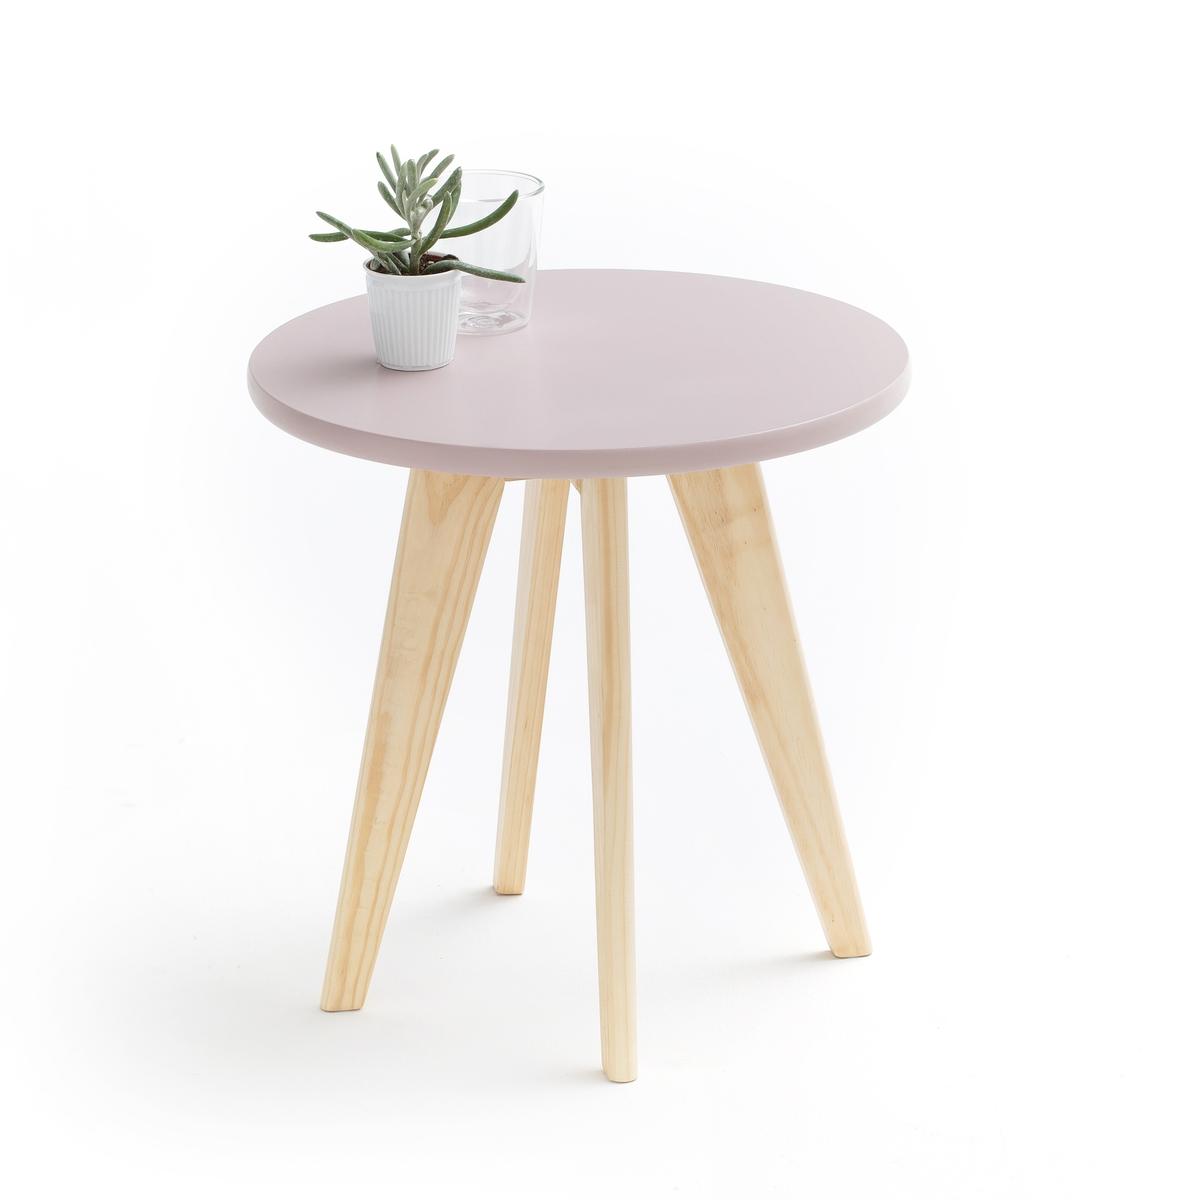 Столик La Redoute Круглый Jimi единый размер розовый стол la redoute письменный из массива сосны на треноге jimi единый размер белый